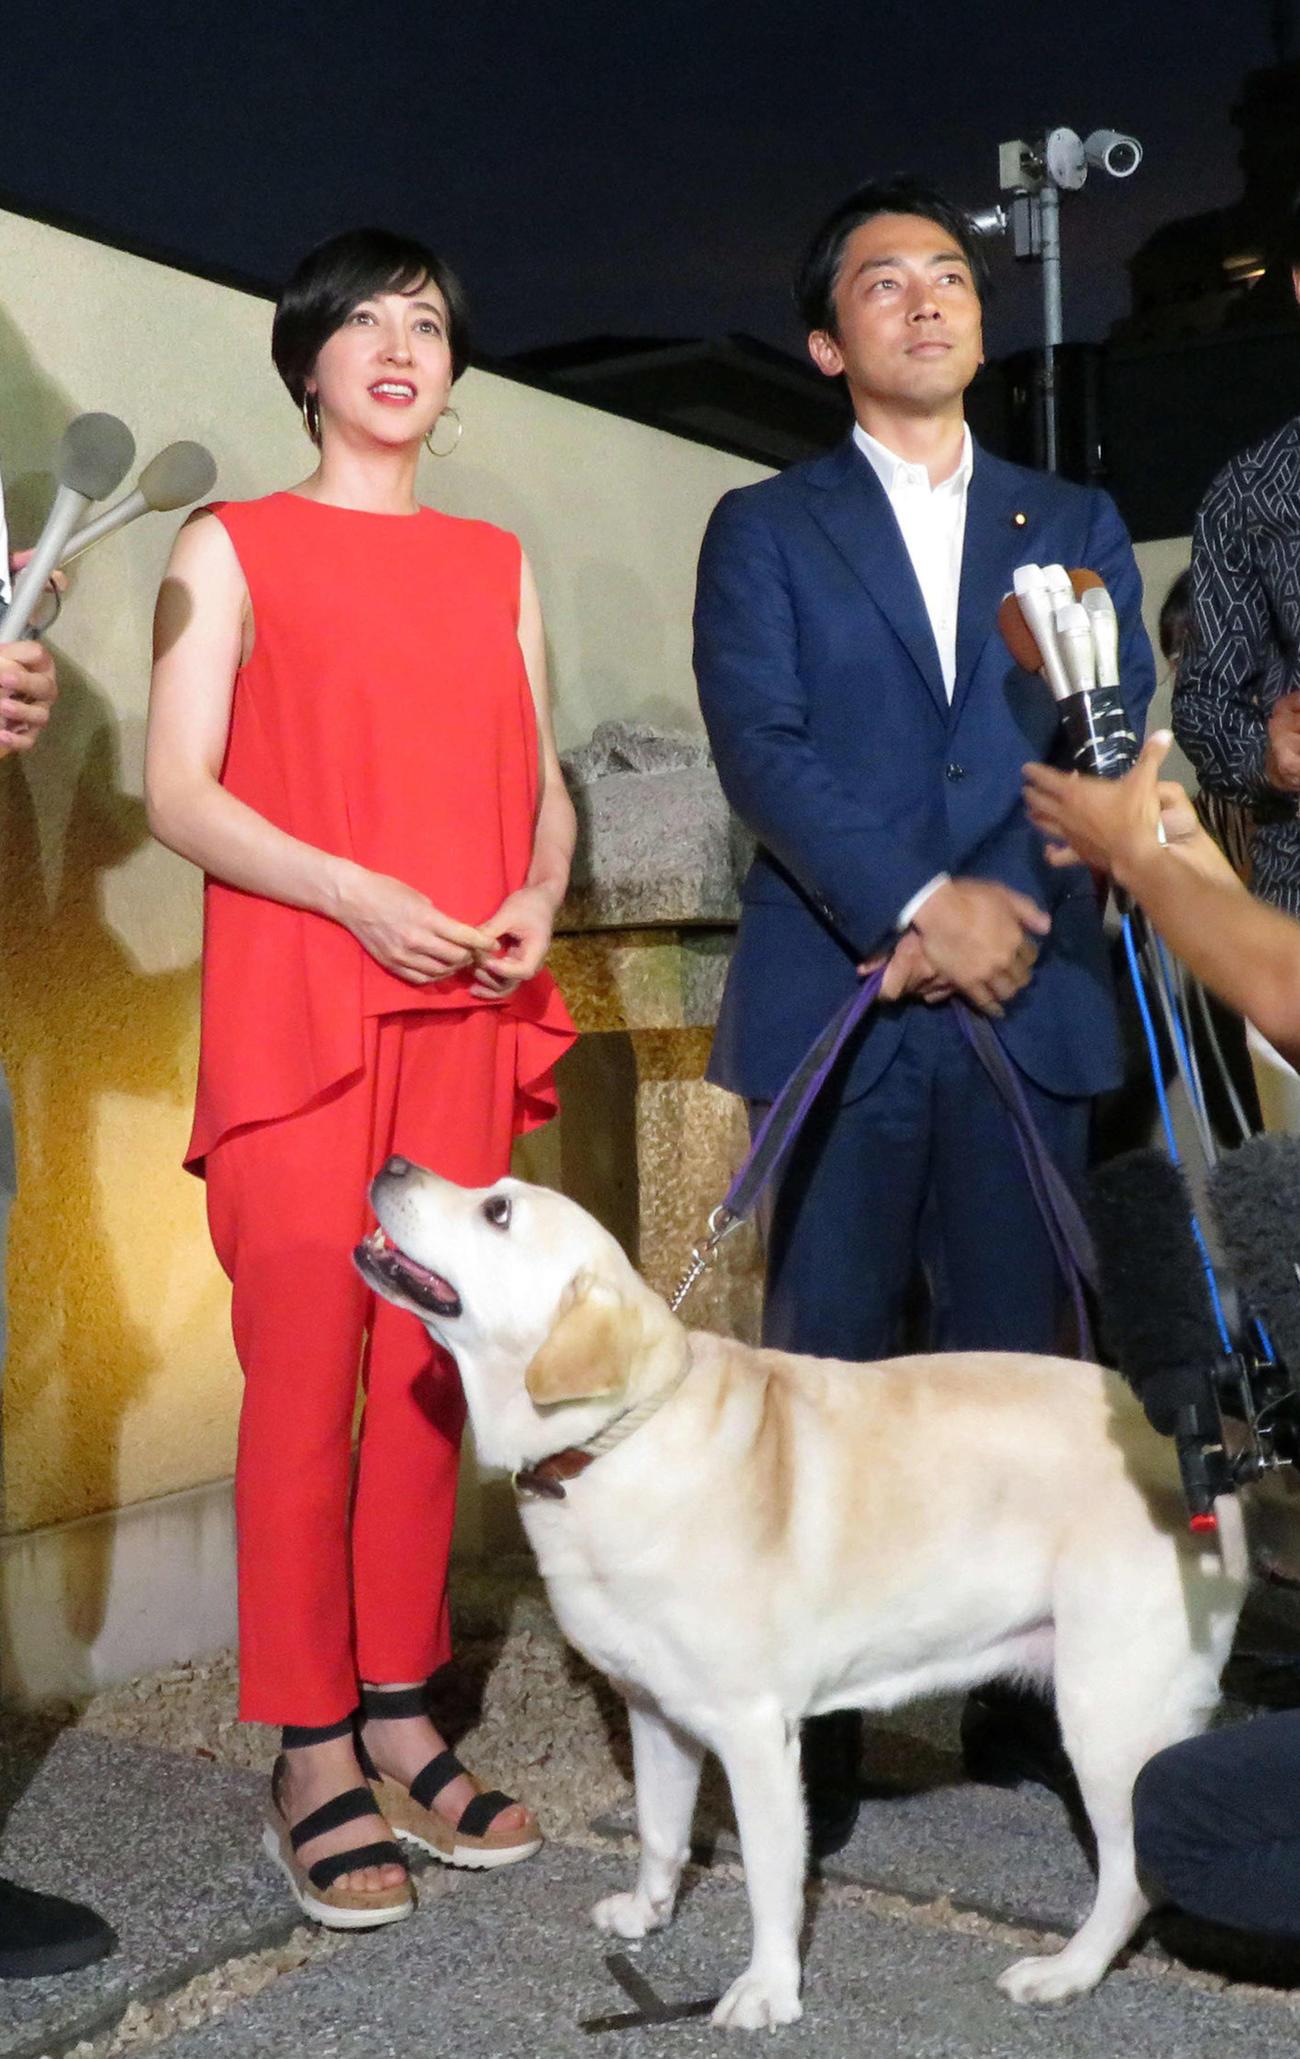 滝川クリステル(左)と小泉進次郎環境相。下は滝川の愛犬アリス(2019年8月7日撮影)